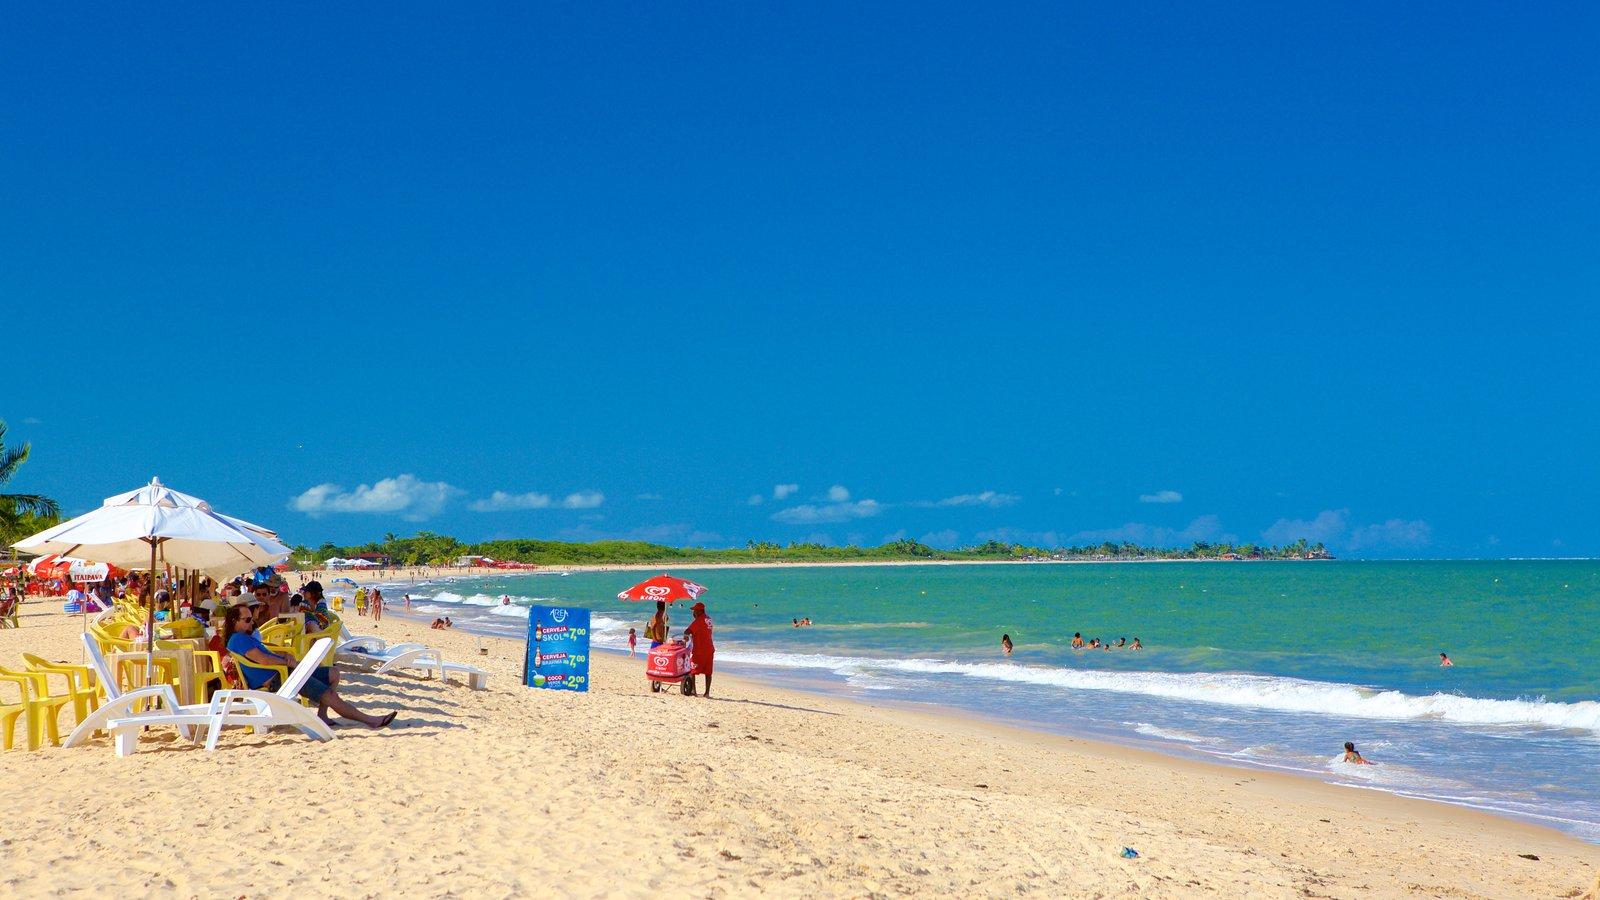 Praia de Taperapuã mostrando uma praia de areia e paisagens litorâneas assim como um grande grupo de pessoas